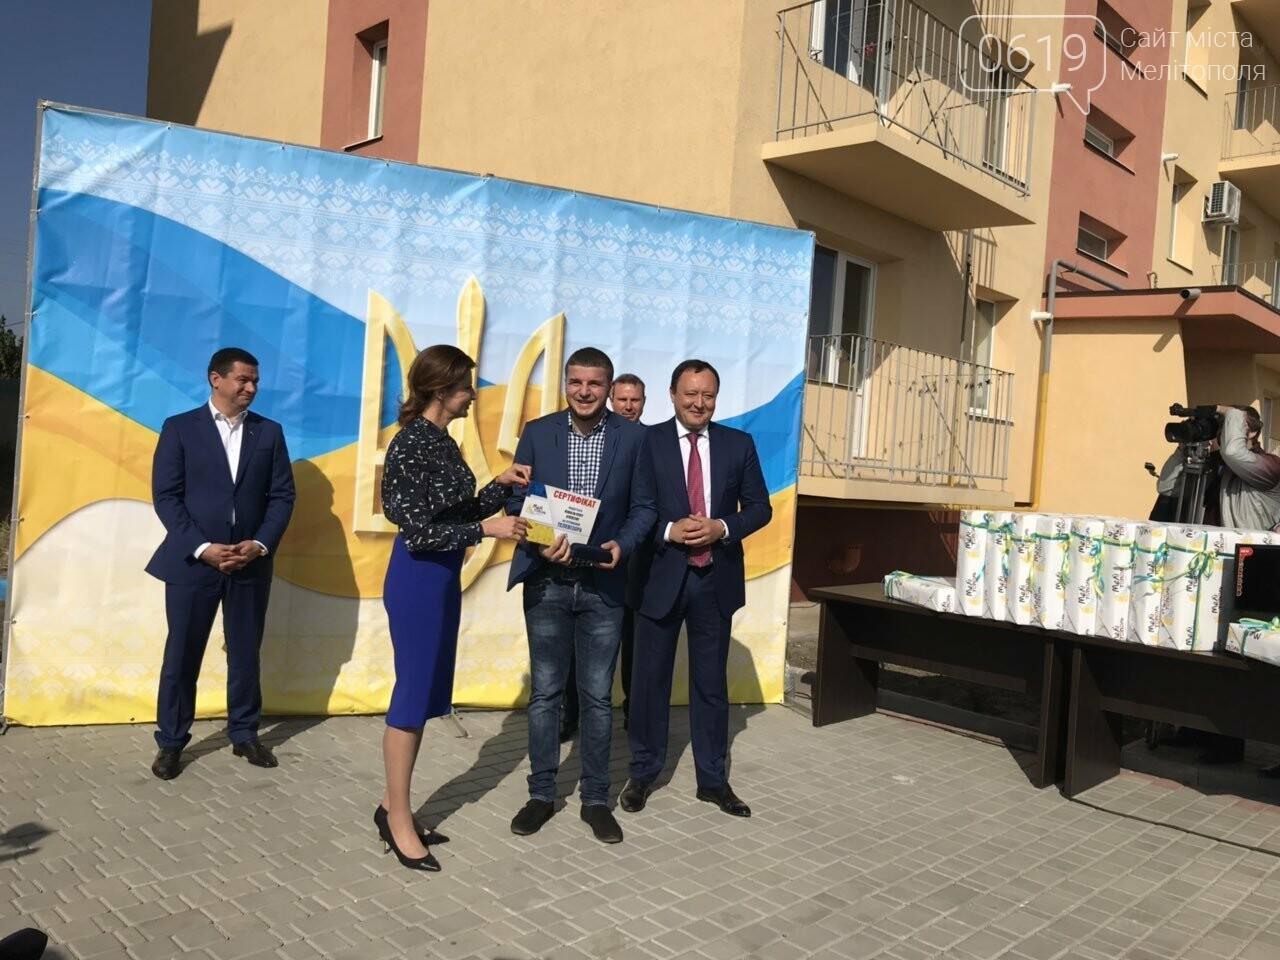 Супруга Президента вручила мелитопольским сиротам ключи от квартир , фото-5, Фото сайта 0619